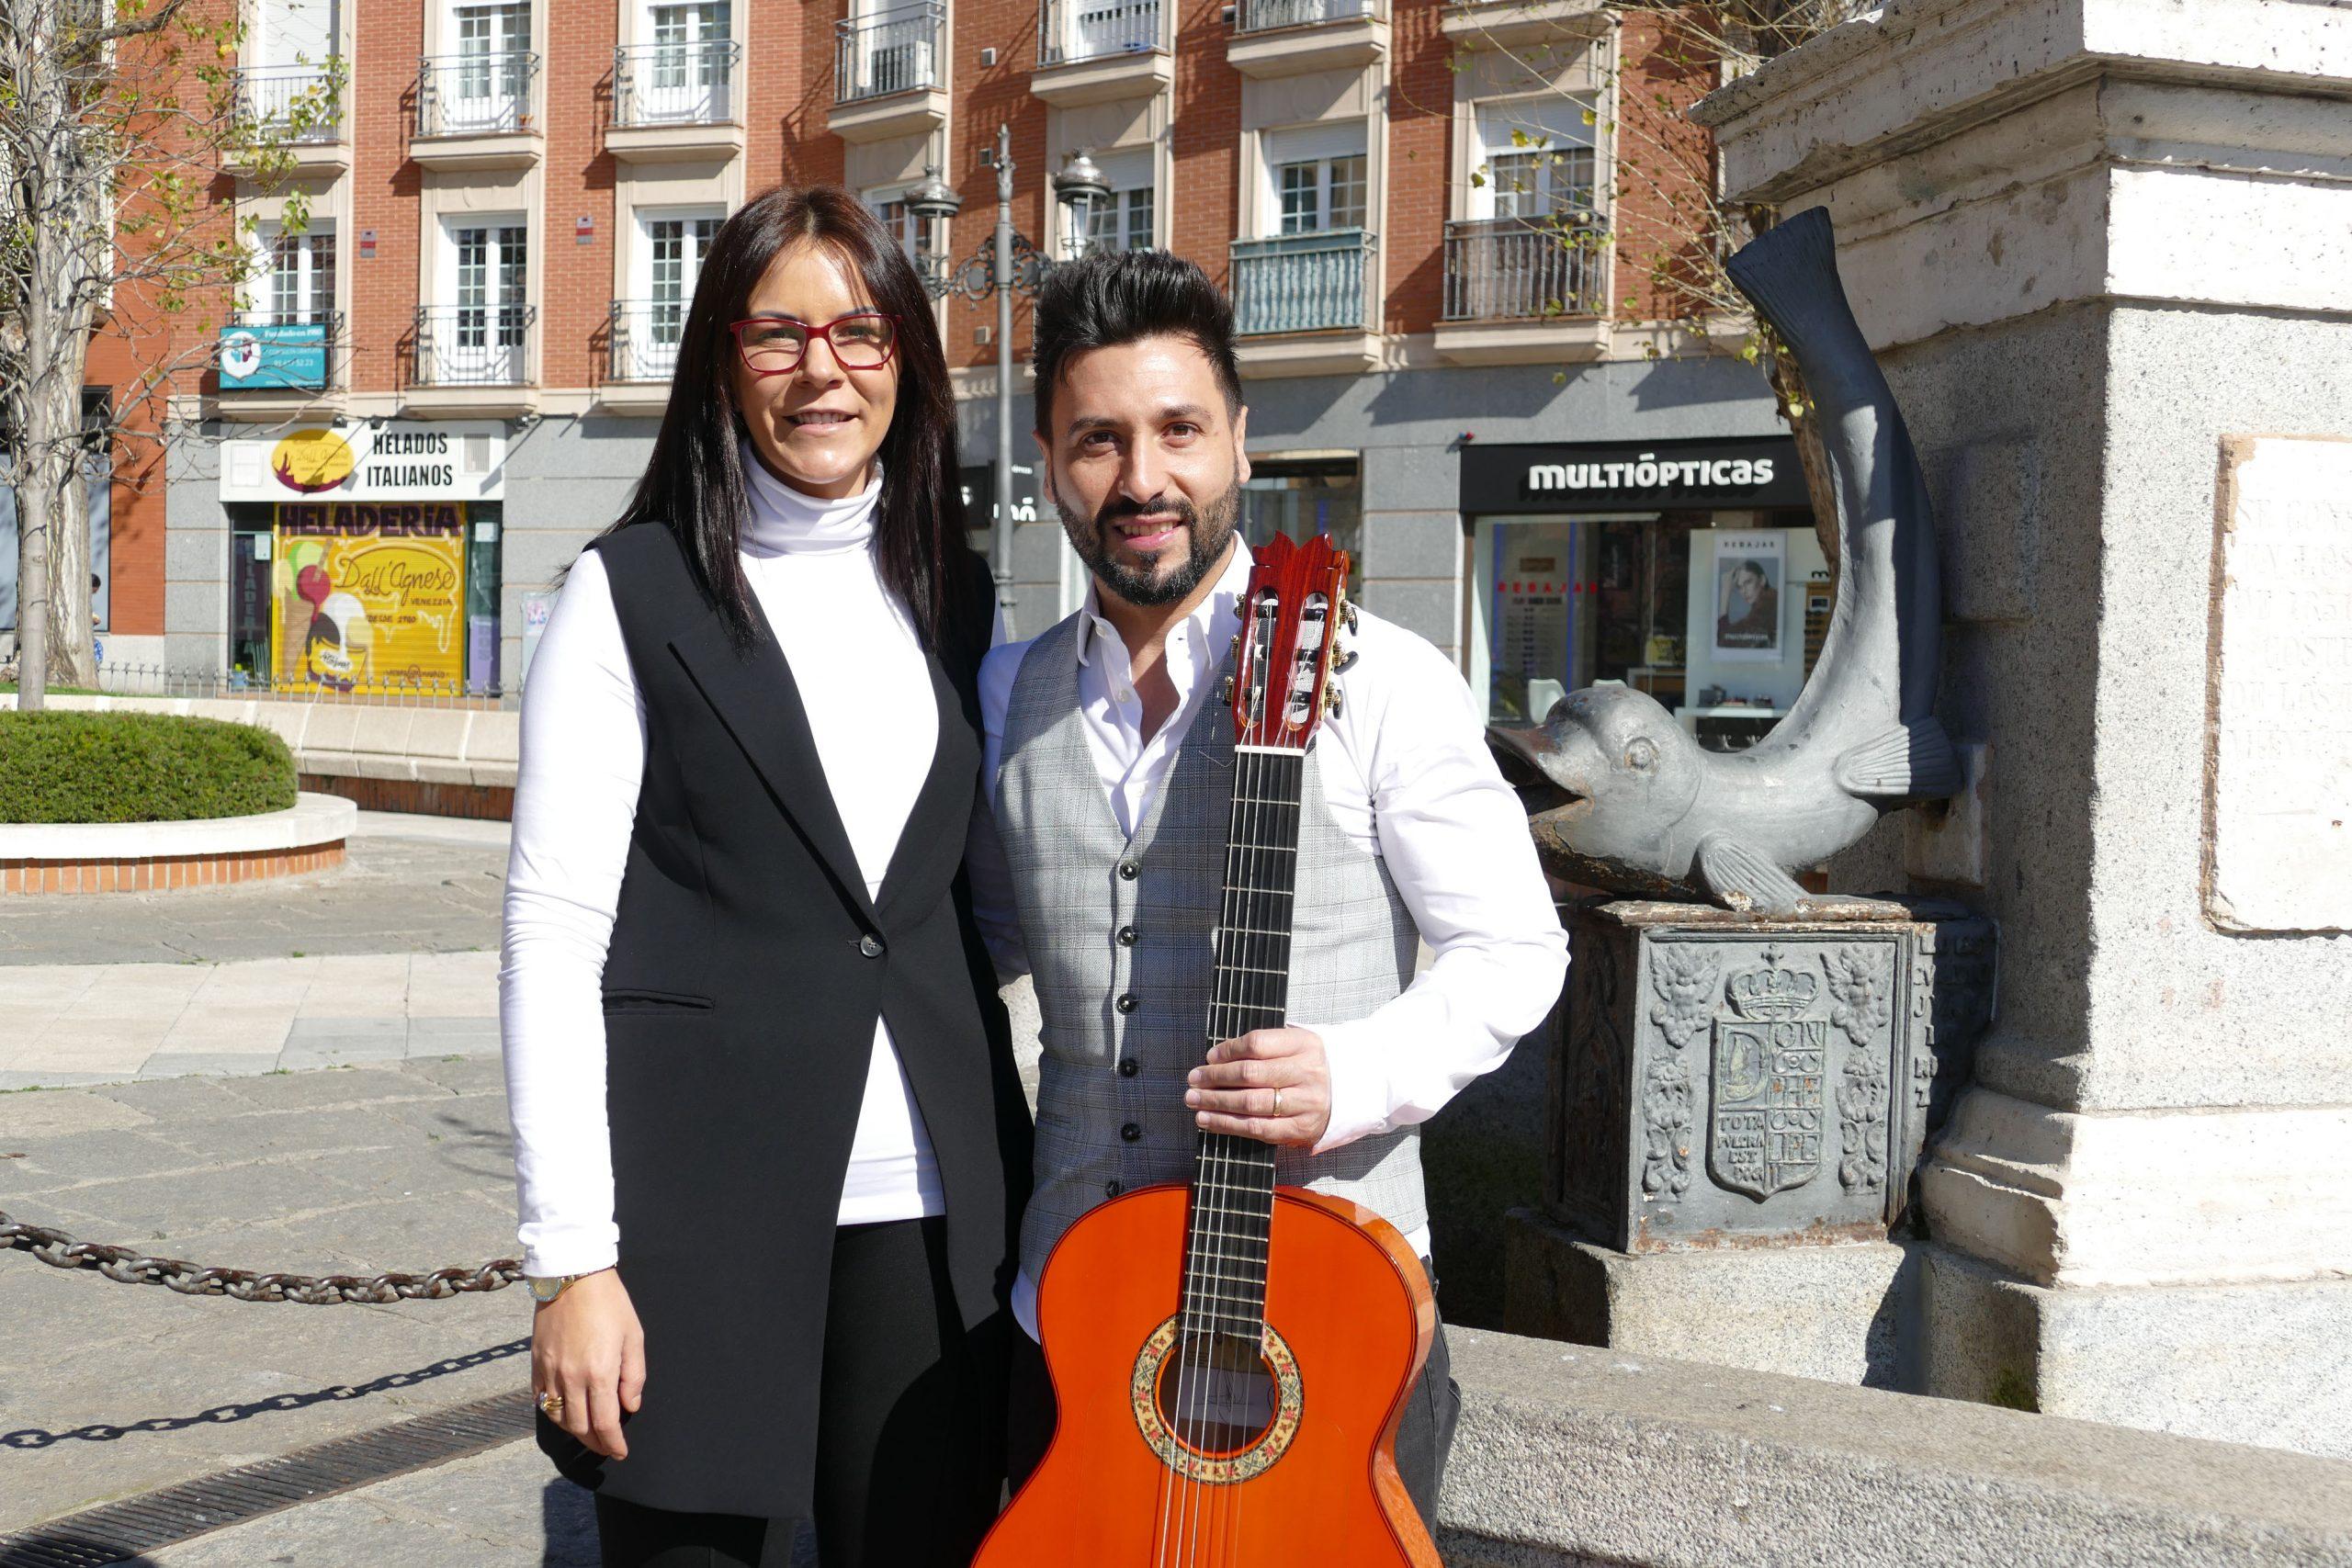 El artista local Alberto Fuentes leerá el pregón del Carnaval de Móstoles 2020